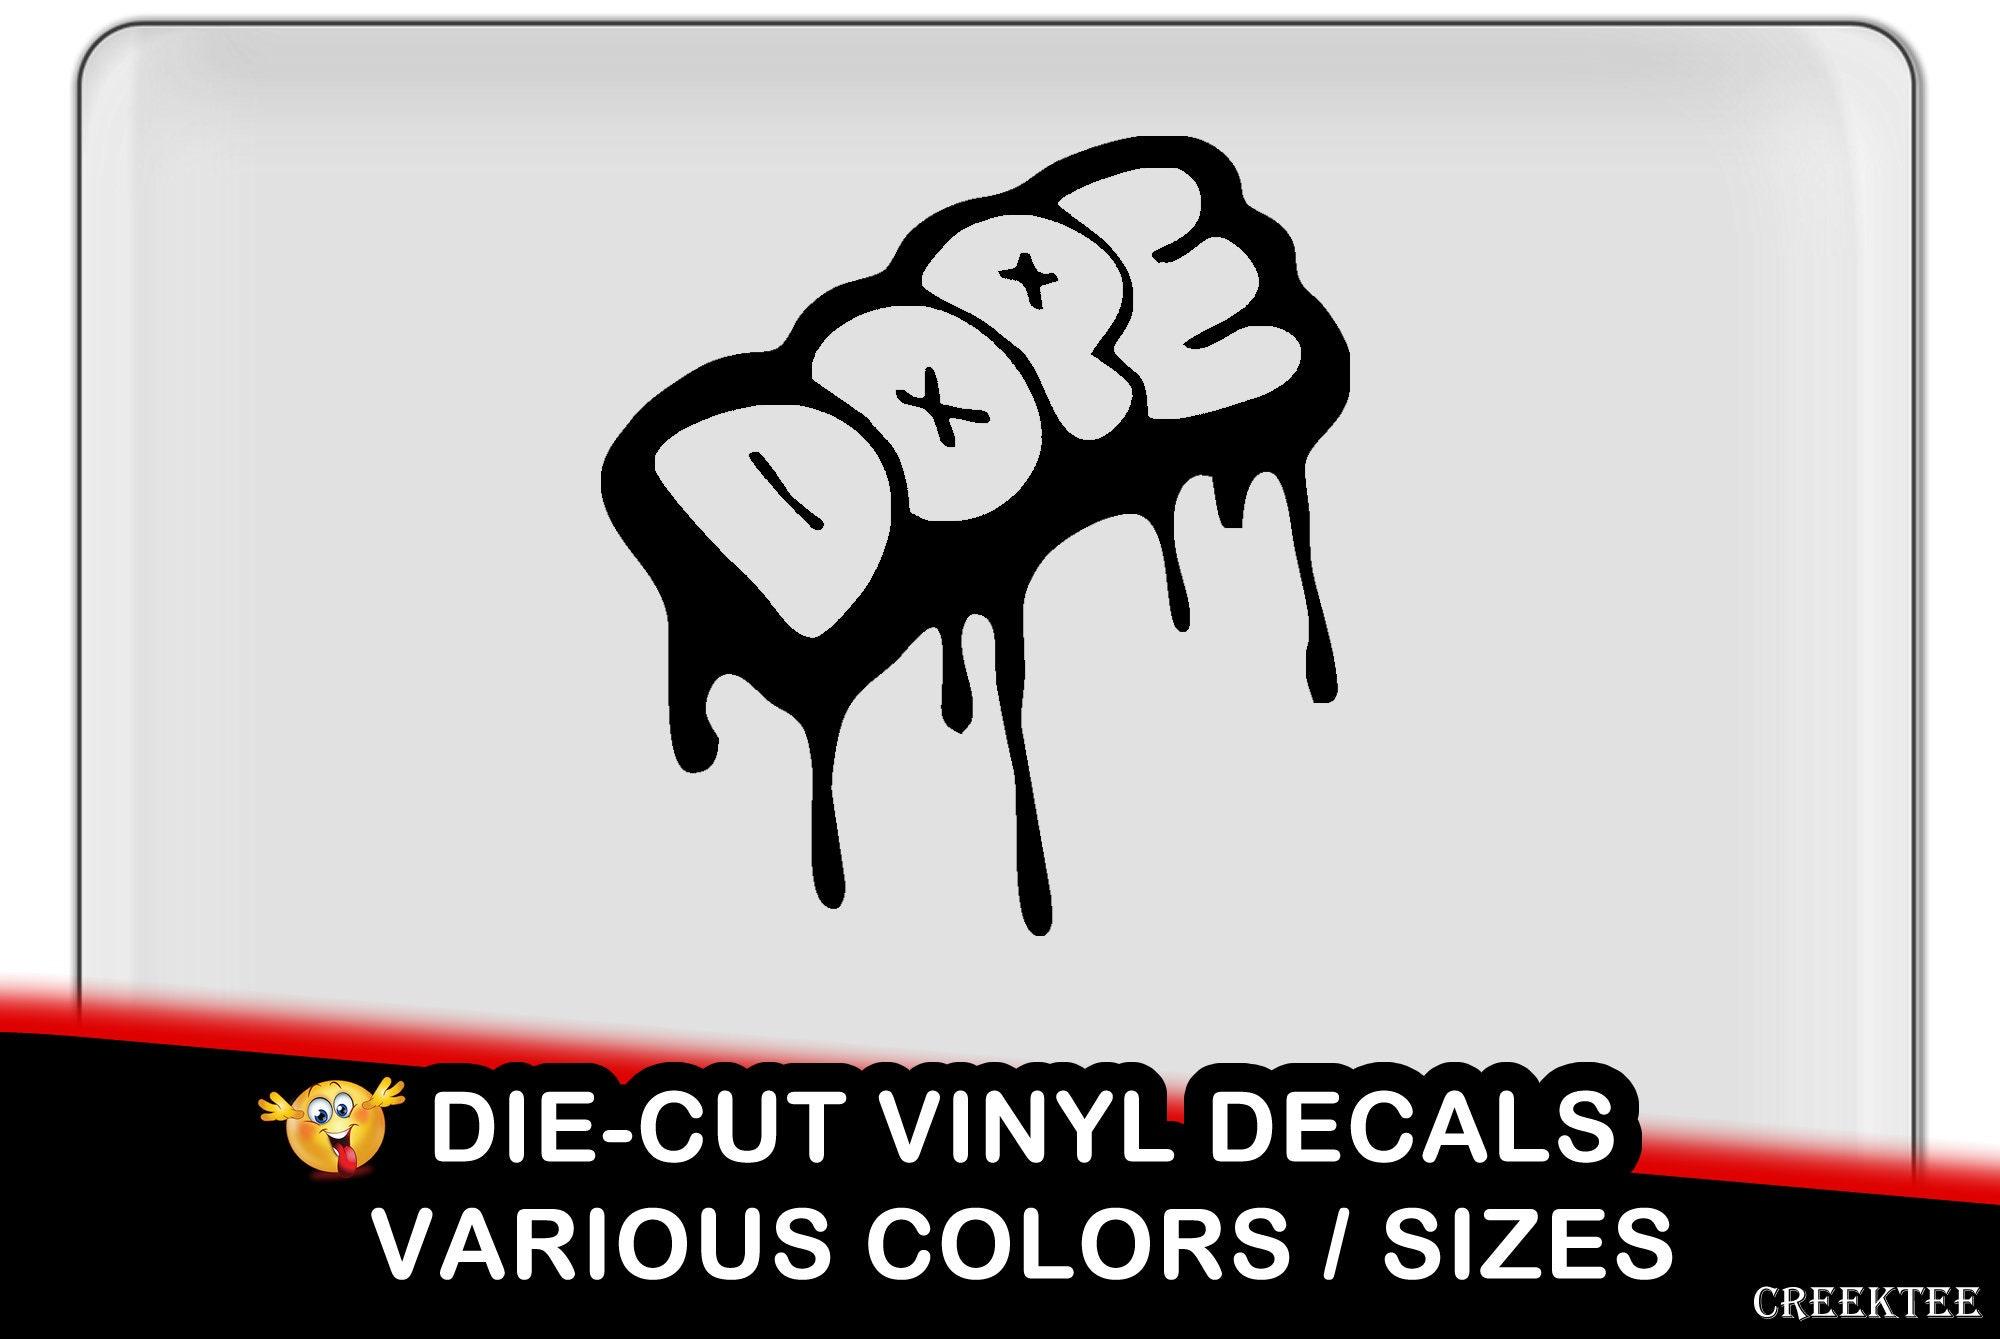 Dope Vinyl Decal - fun vinyl decal in various colors